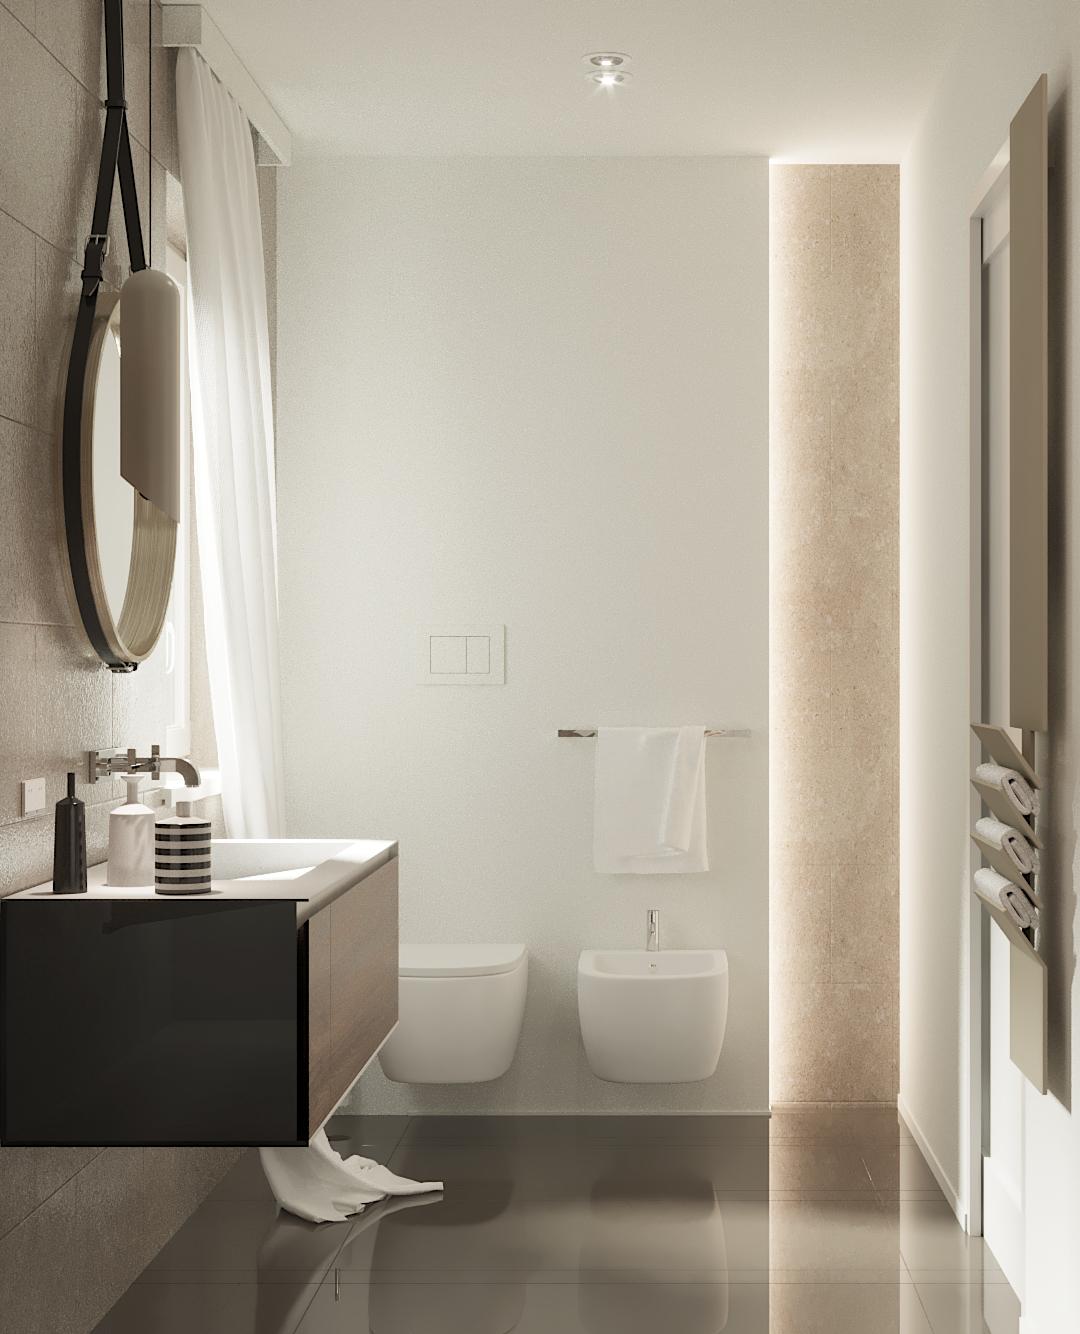 Illuminare il bagno le pi belle lampade a sospensione per specchi e soffitti - Lampade per specchi bagno ...